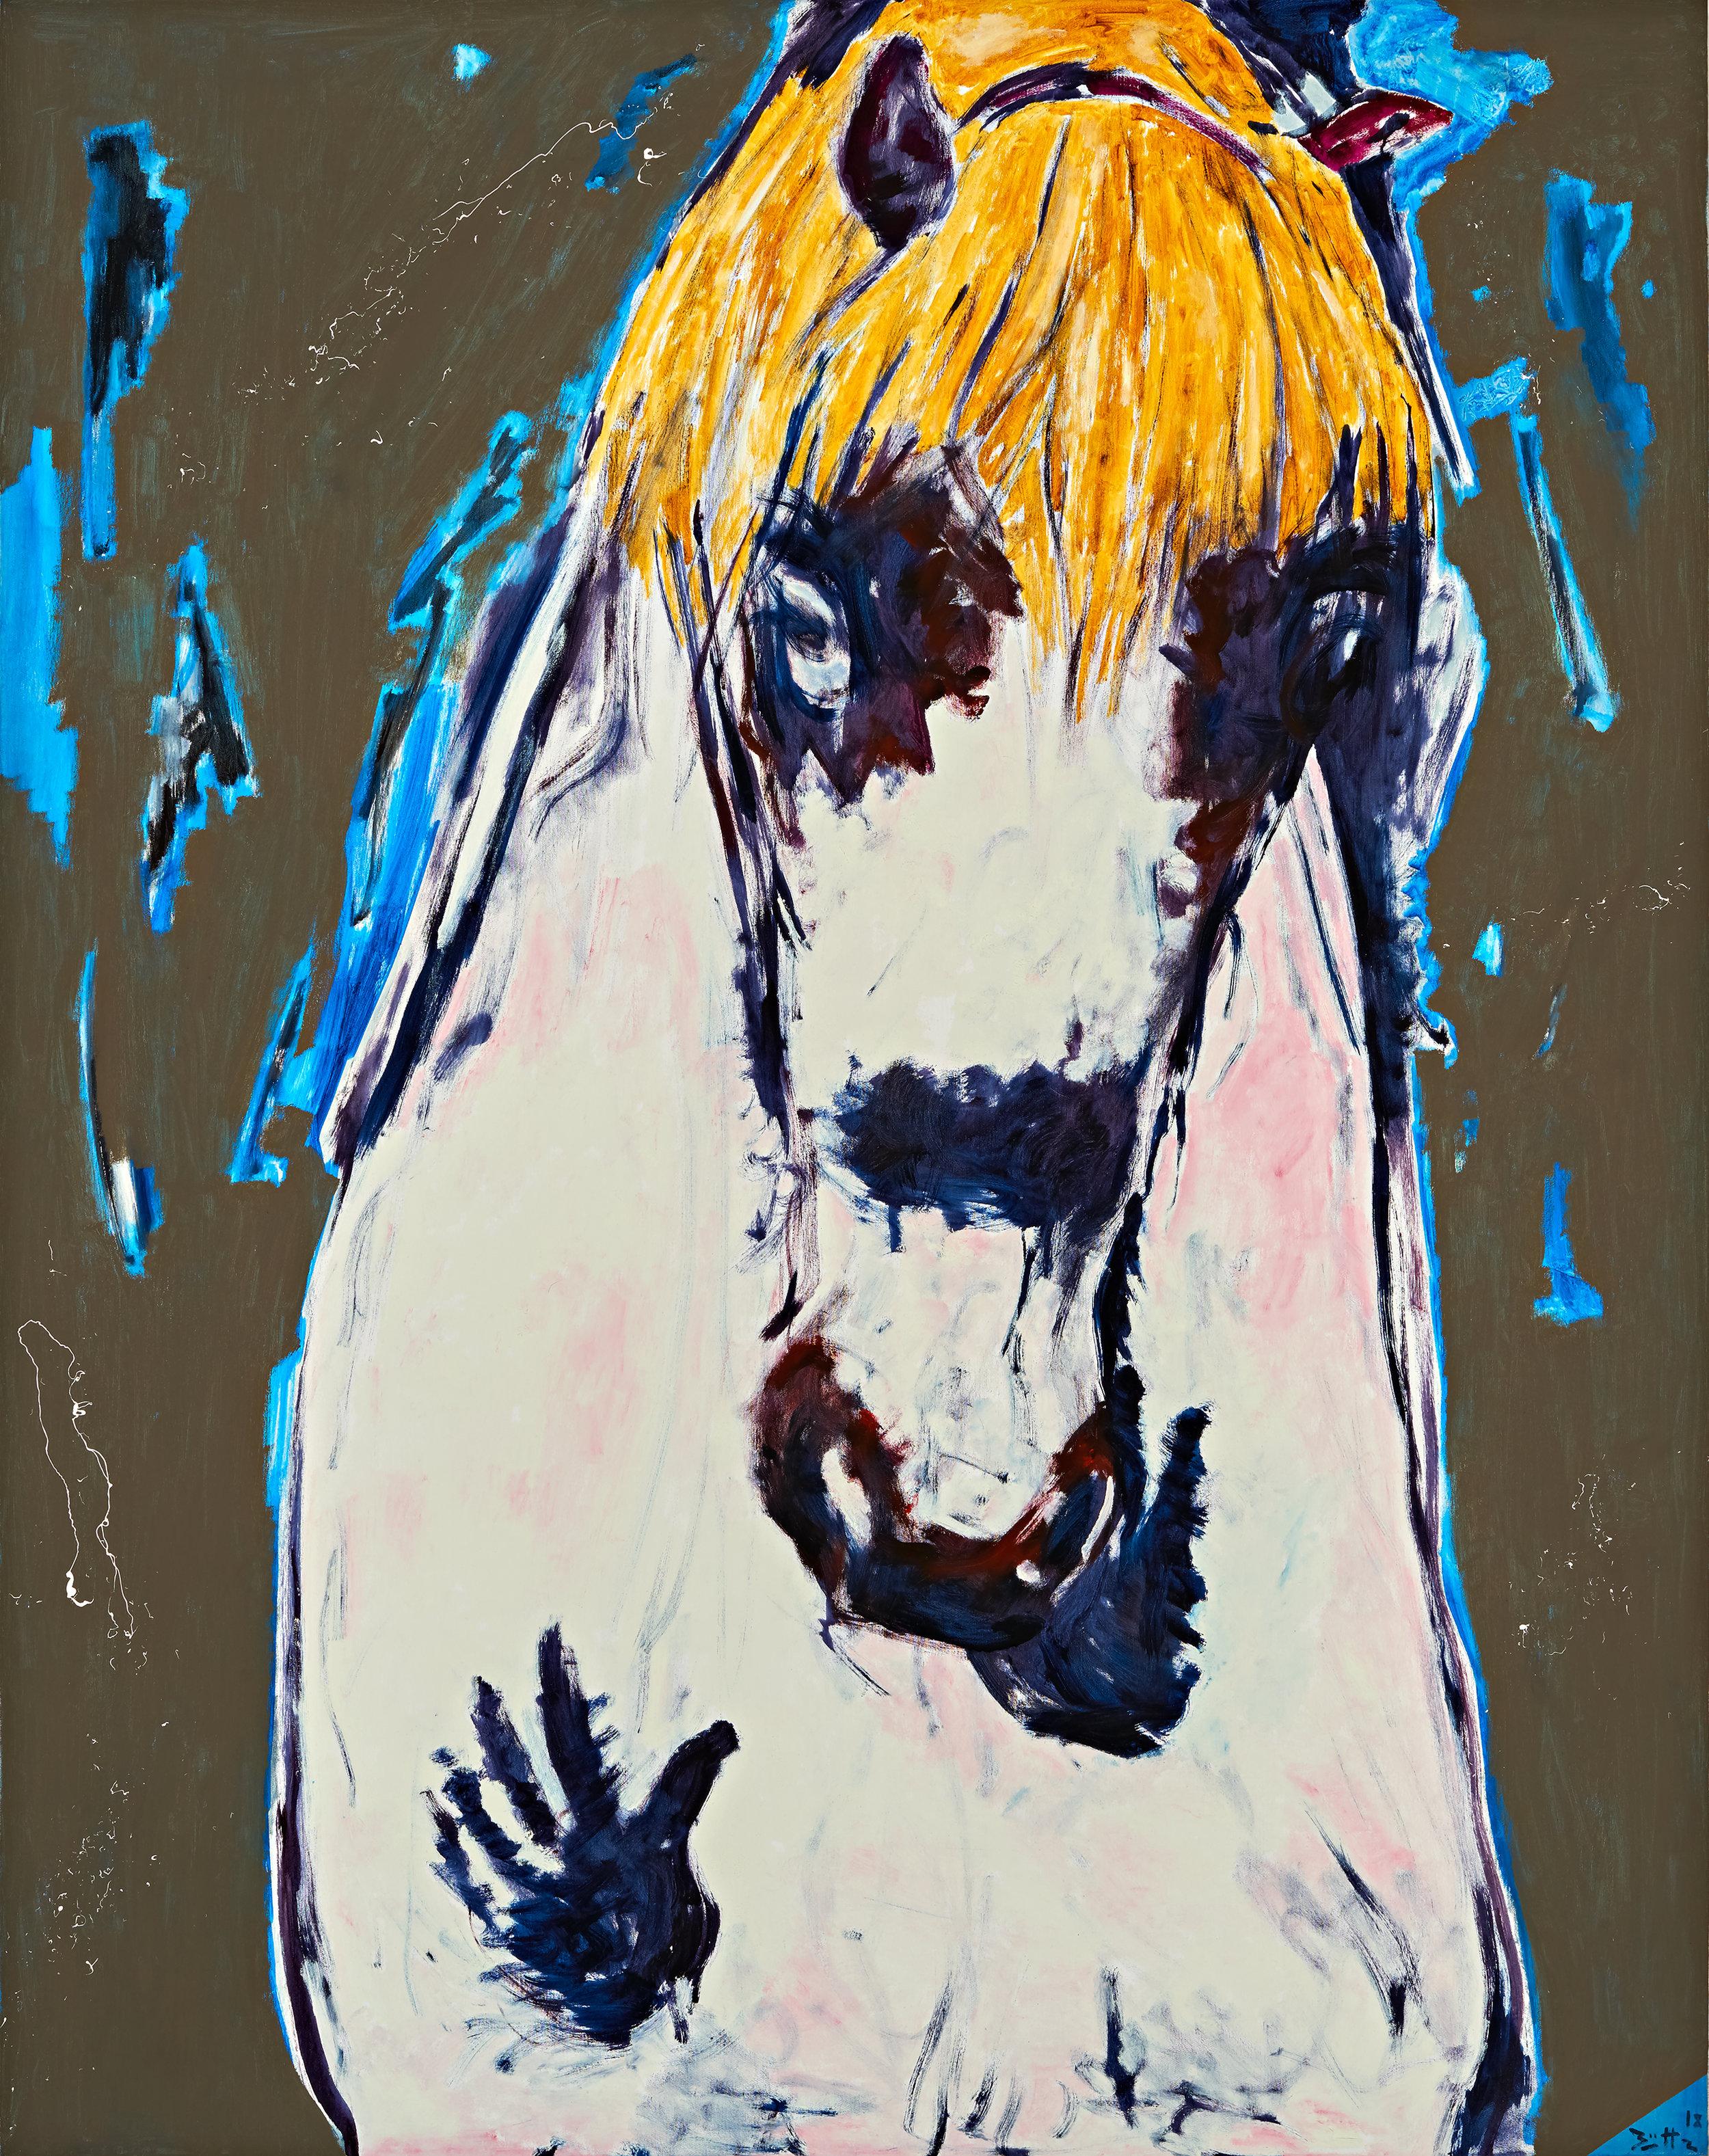 Büttner, Something Very Blond Comes to Town (Etwas sehr Blondes betritt die Stadt), 2018, oil on canvas, 74 3-4 x 59 in., 190 x 150 cm.